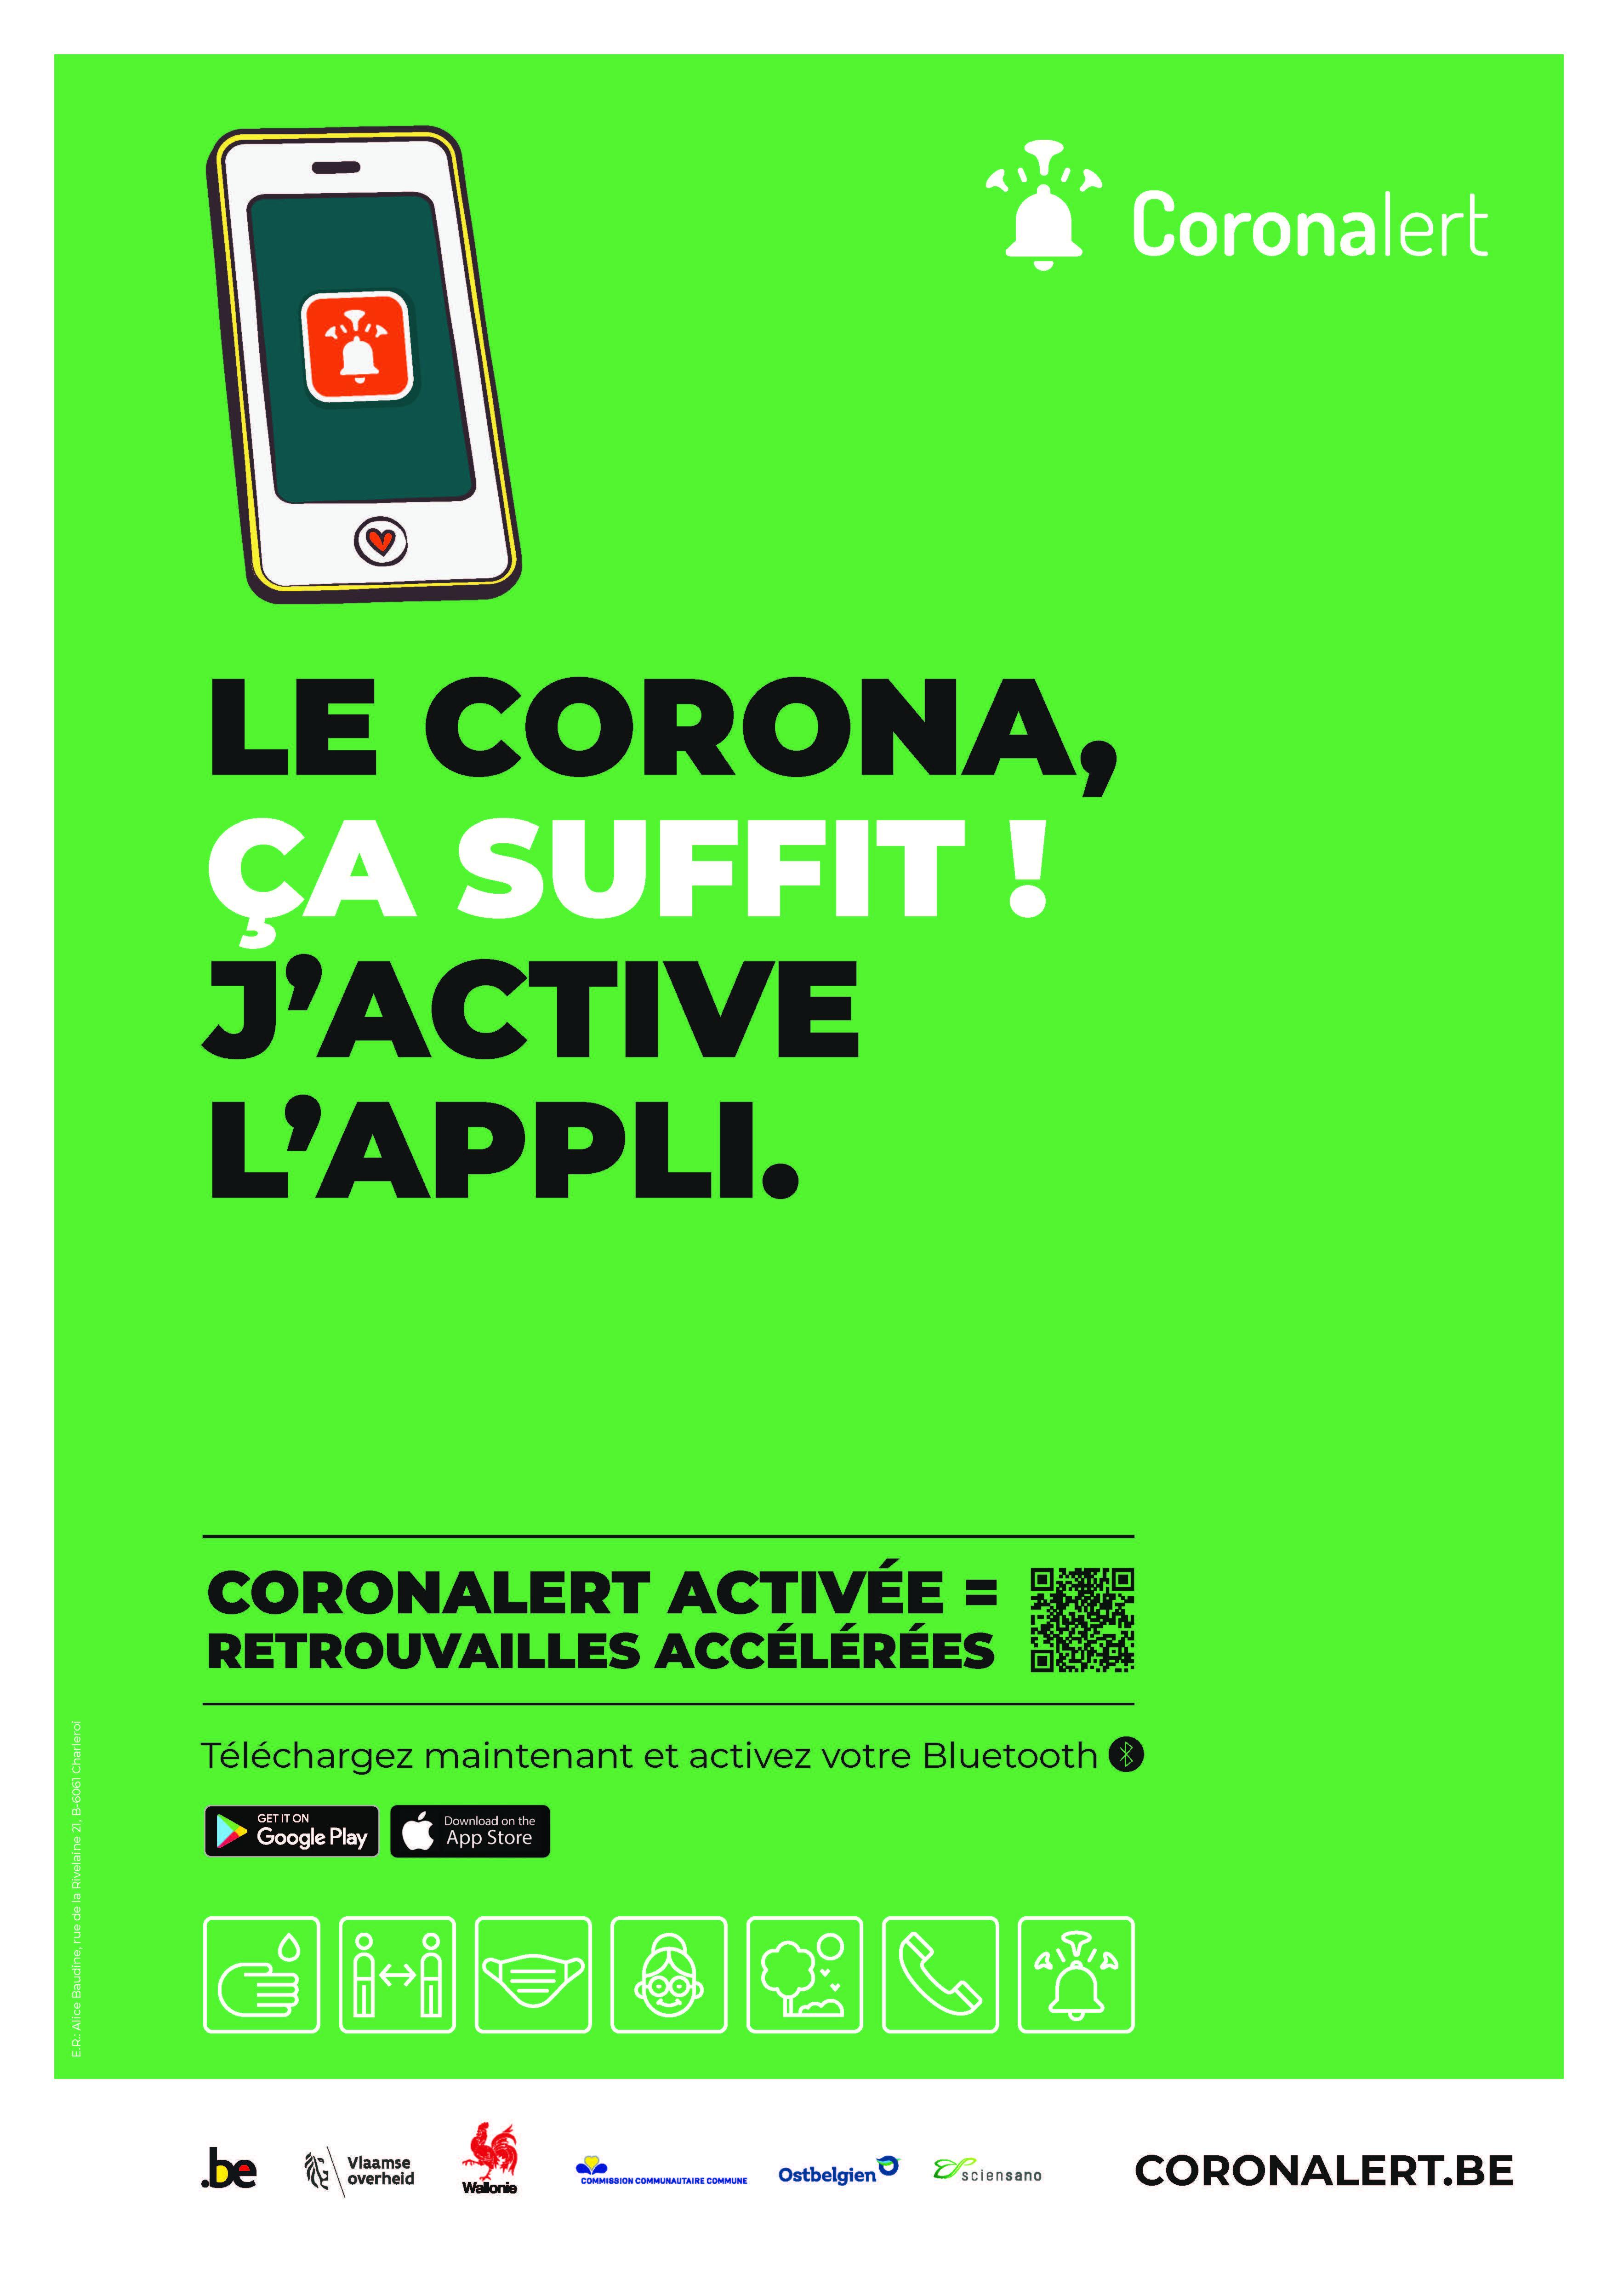 Coronalert : une appli pour enrayer au plus tôt la propagation du Coronavirus